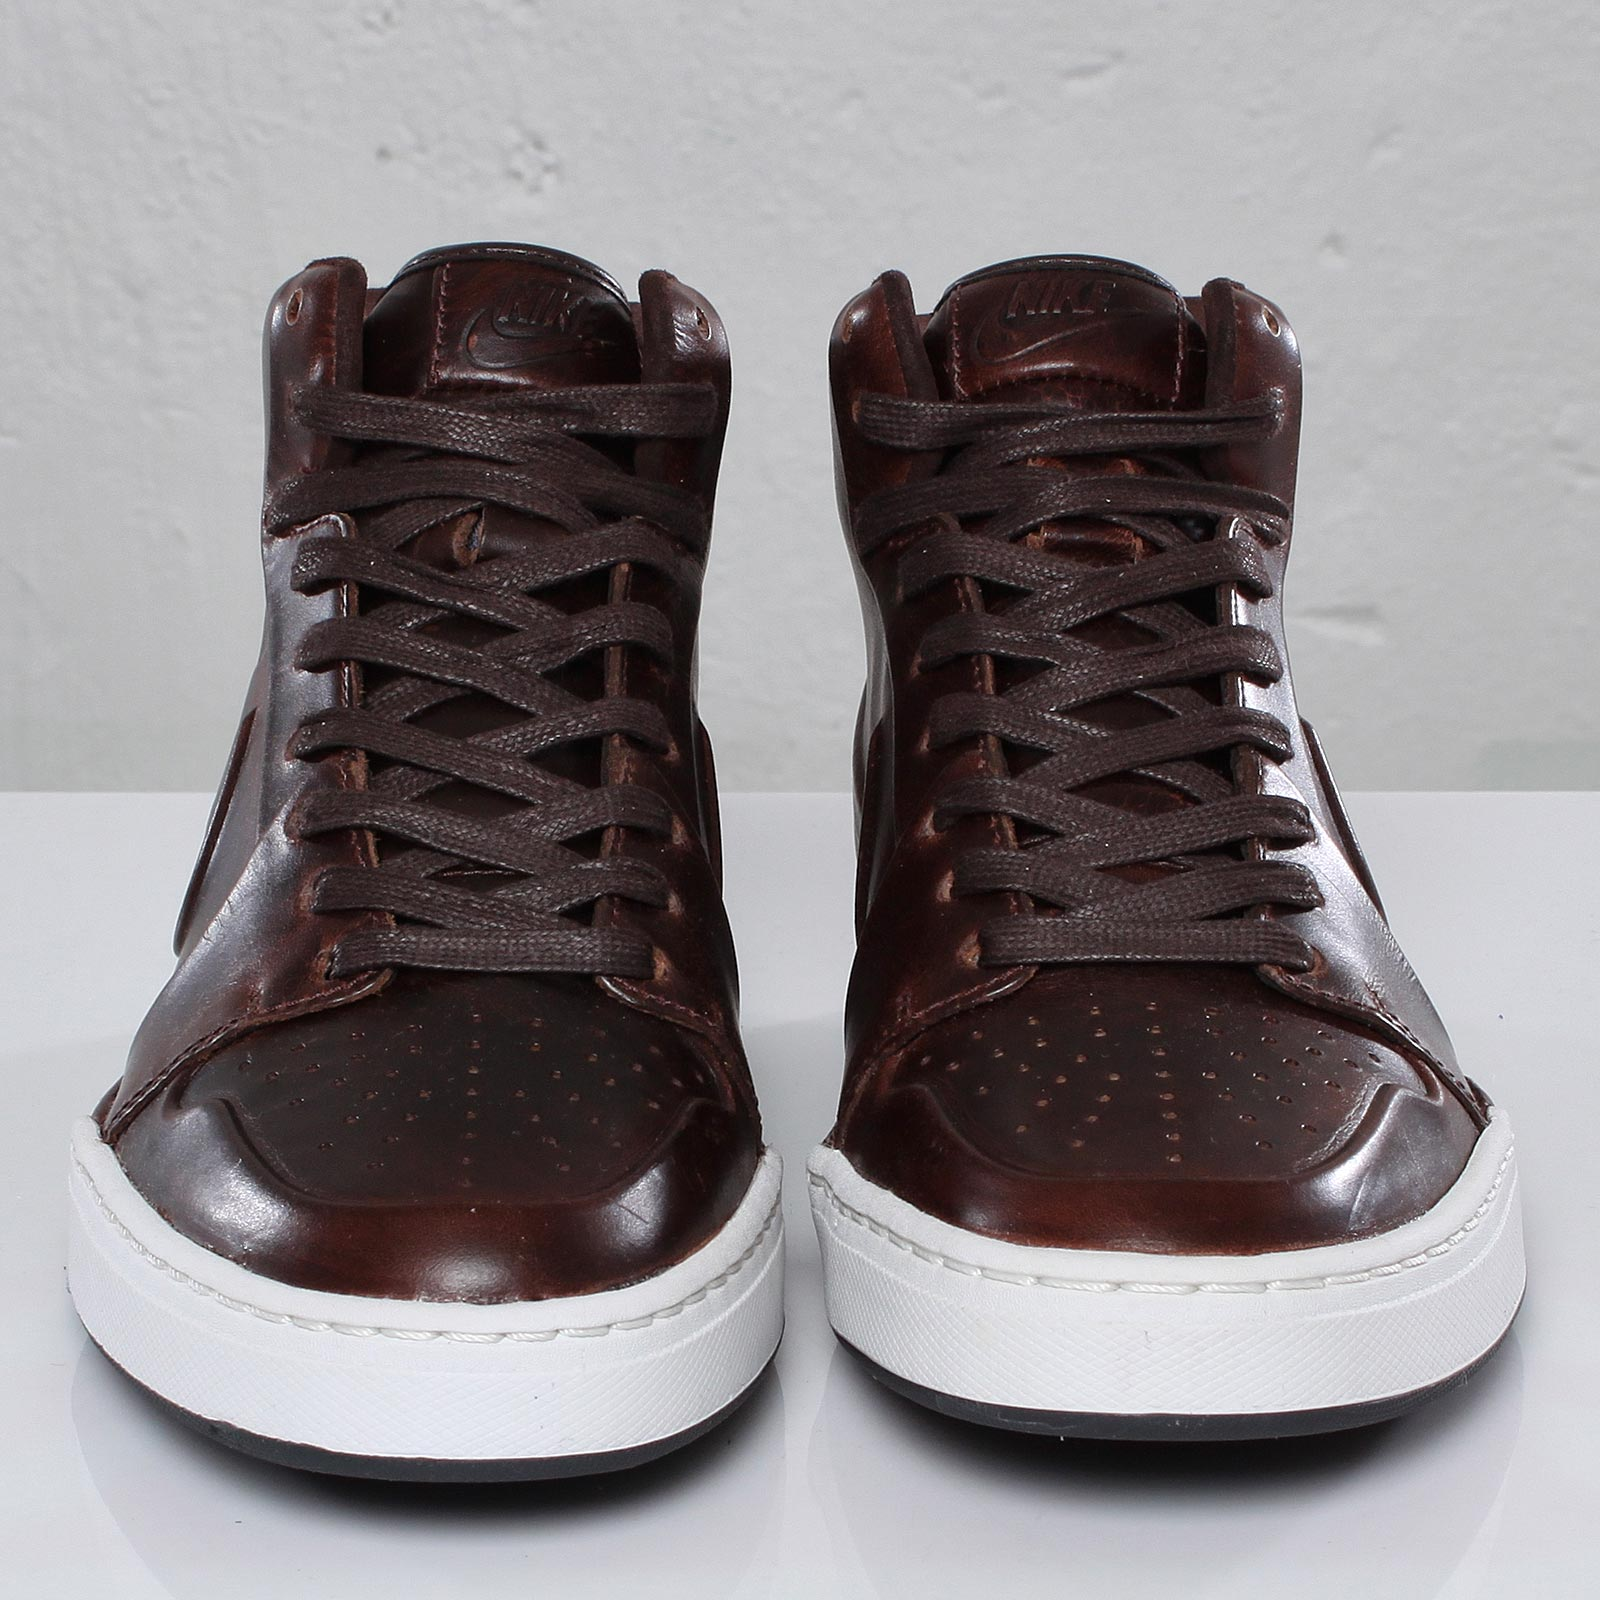 comerciante Chimenea Fanático  Nike Air Royal Mid VT - 100333 - Sneakersnstuff | sneakers & streetwear  online since 1999